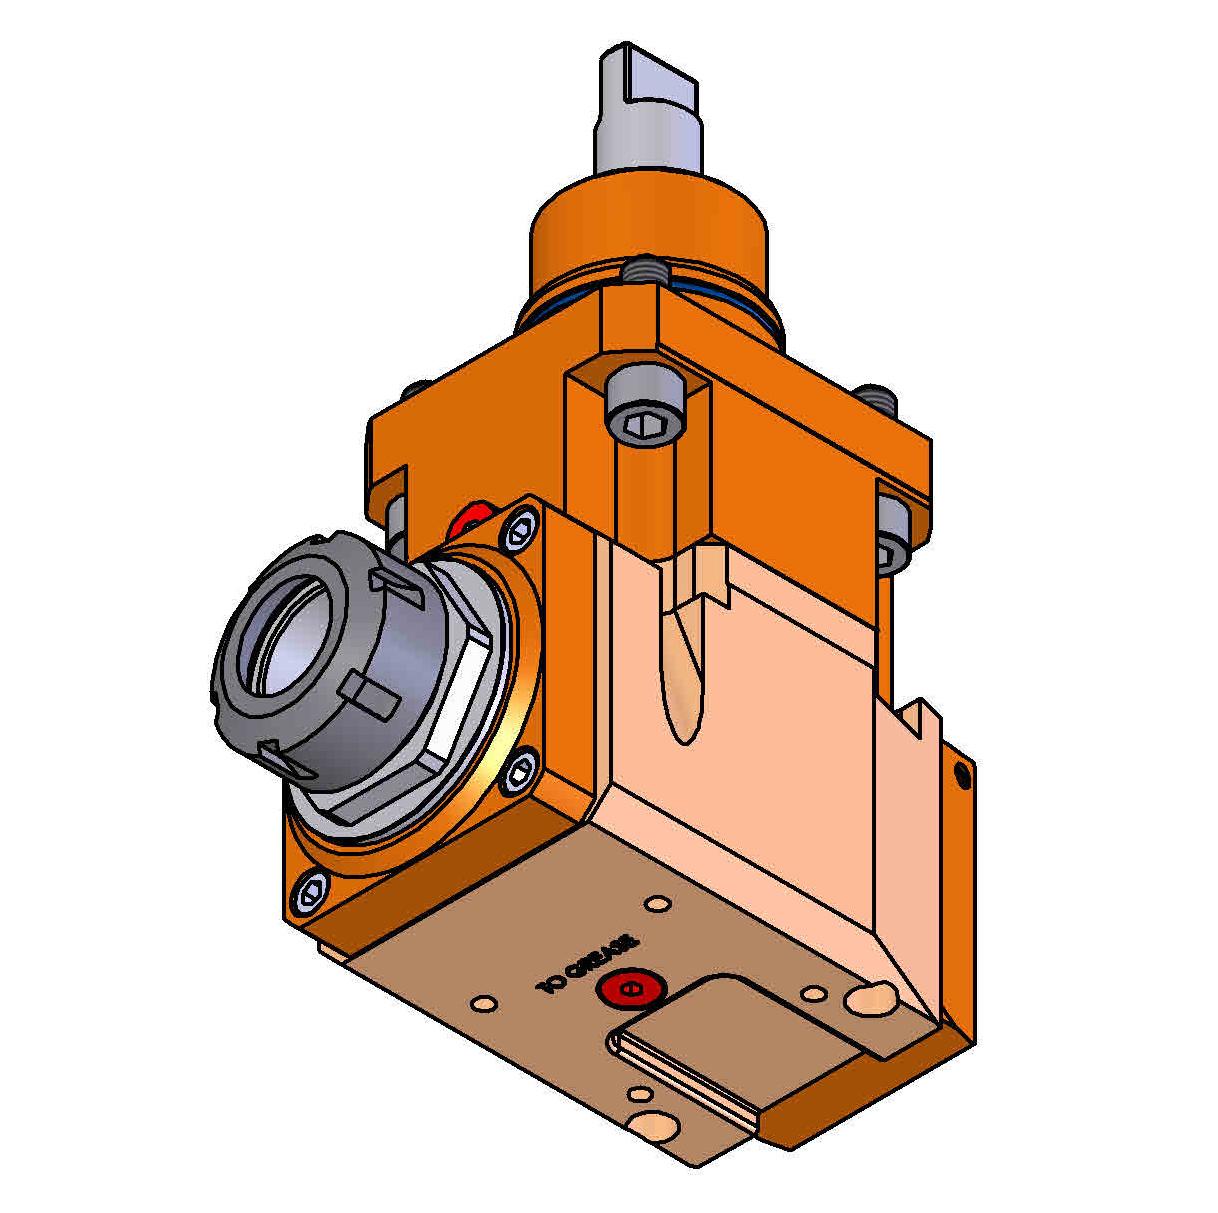 LT-A D55 ER32 LR RF H100 BI.